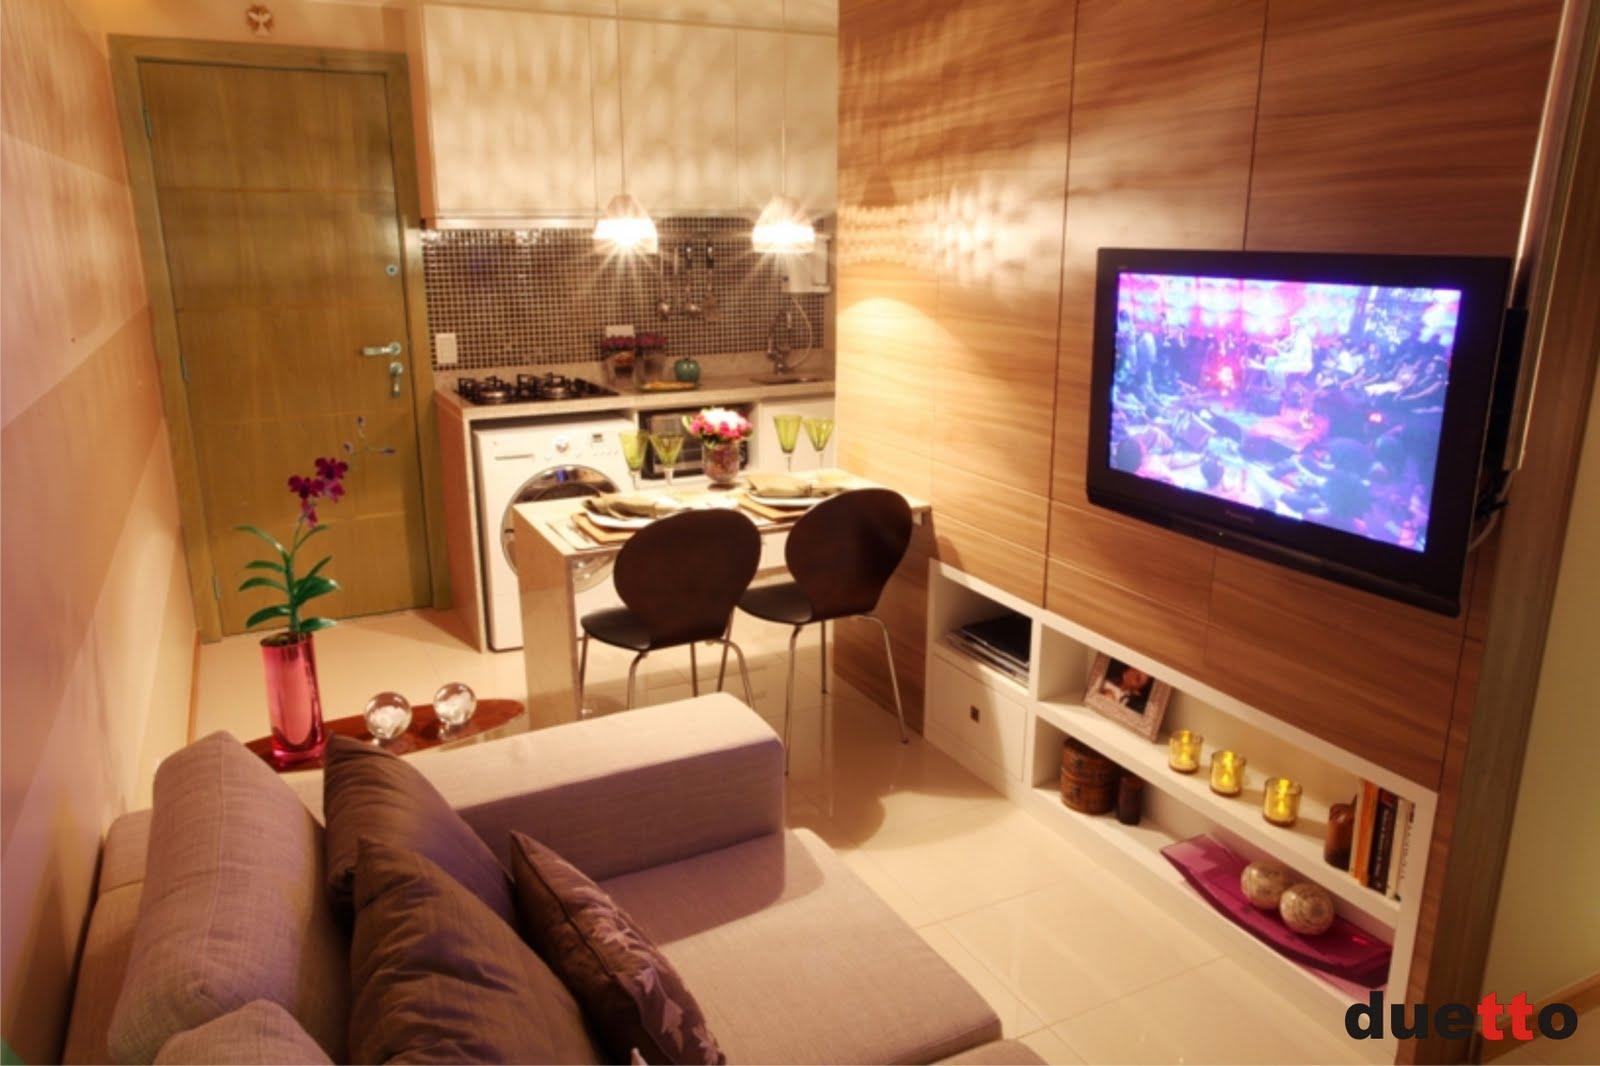 decoracao de interiores estilo romântico : decoracao de interiores estilo romântico:Decoracao De Apartamento Pequeno